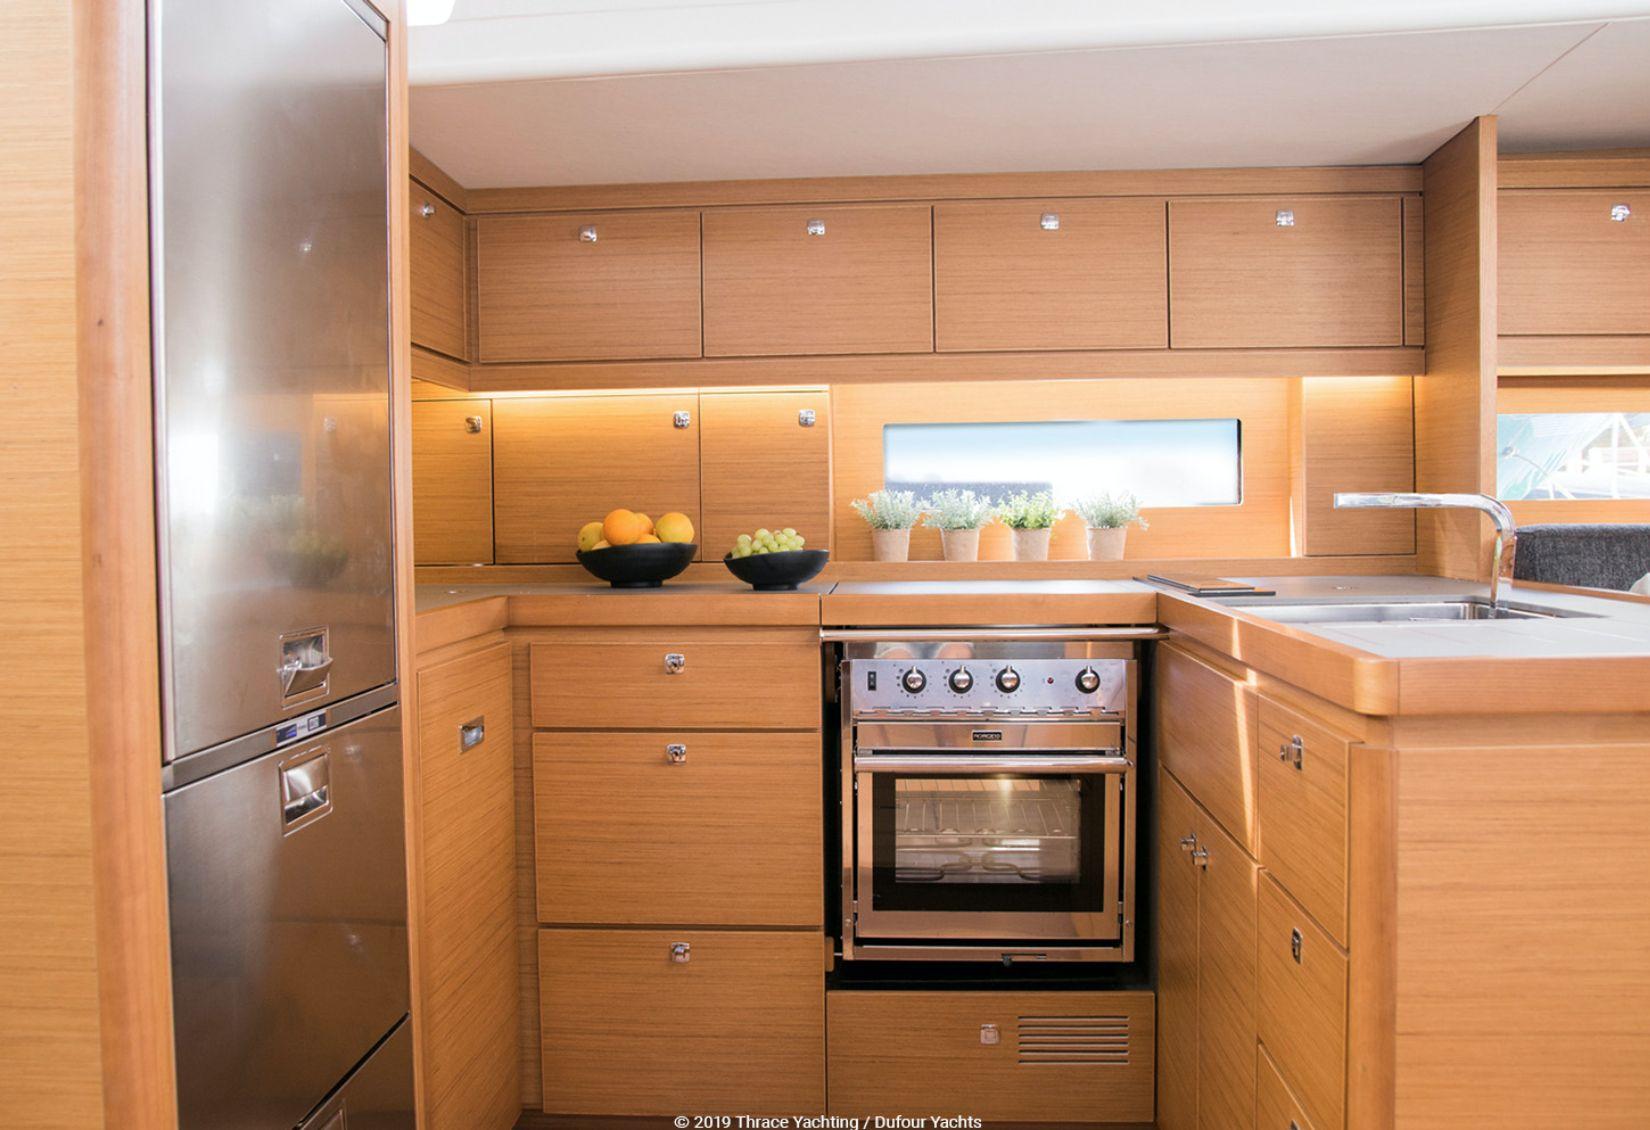 SOPHIA Dufour 63 Kitchen